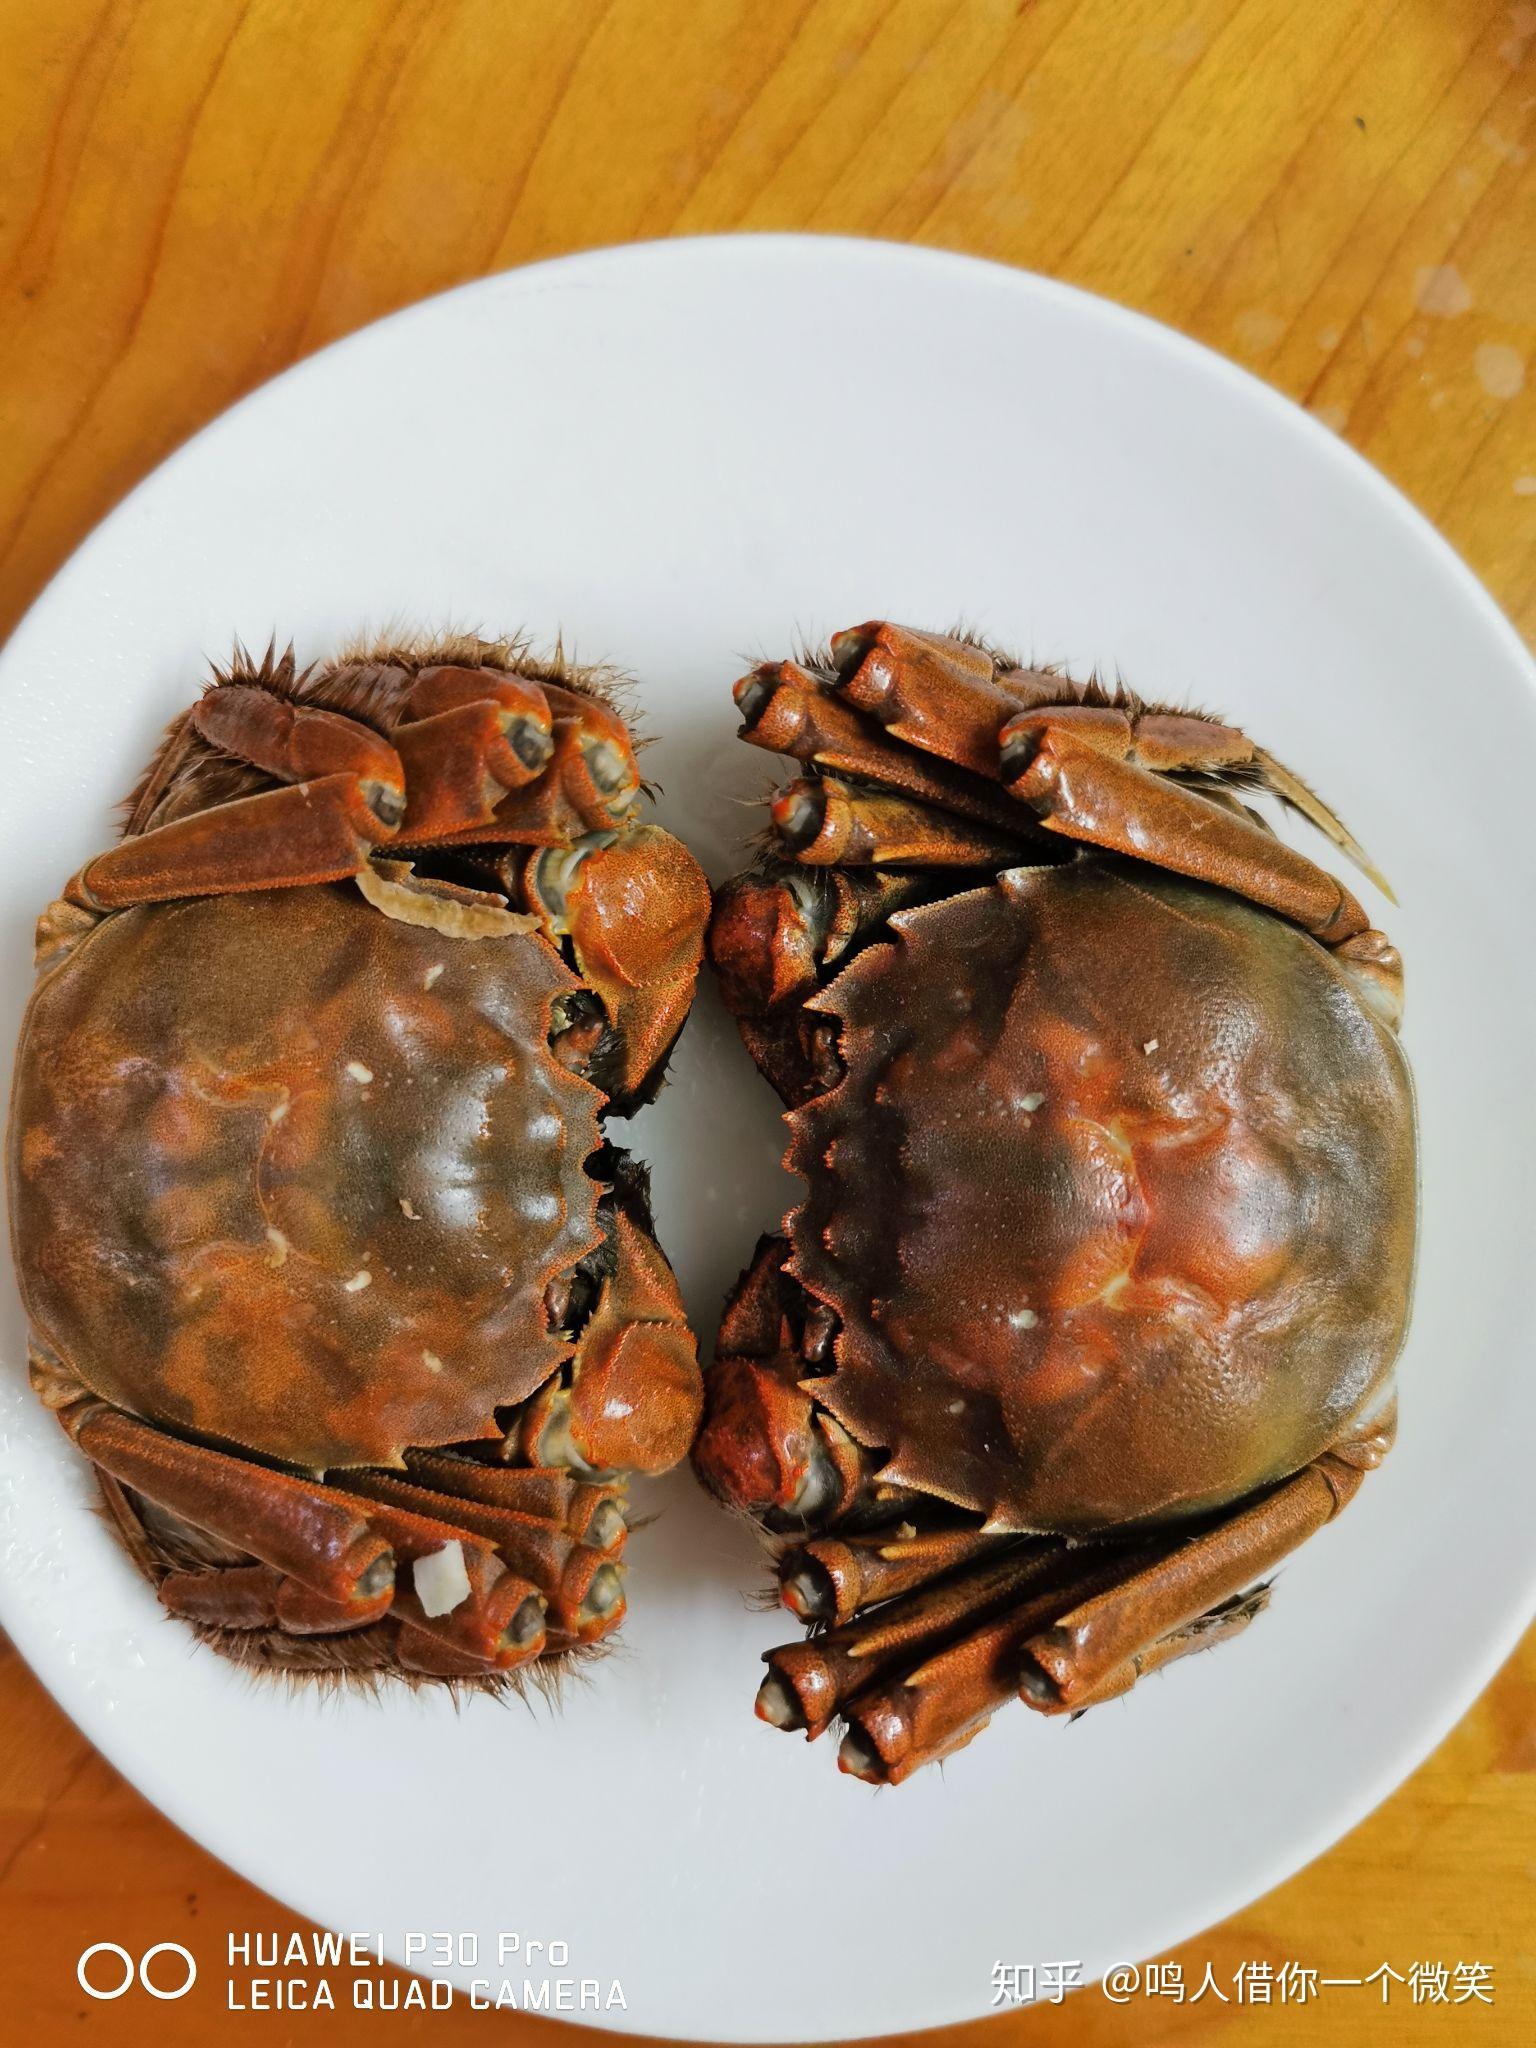 蒸好的螃蟹如何保存_清蒸螃蟹怎么蒸好吃? - 知乎